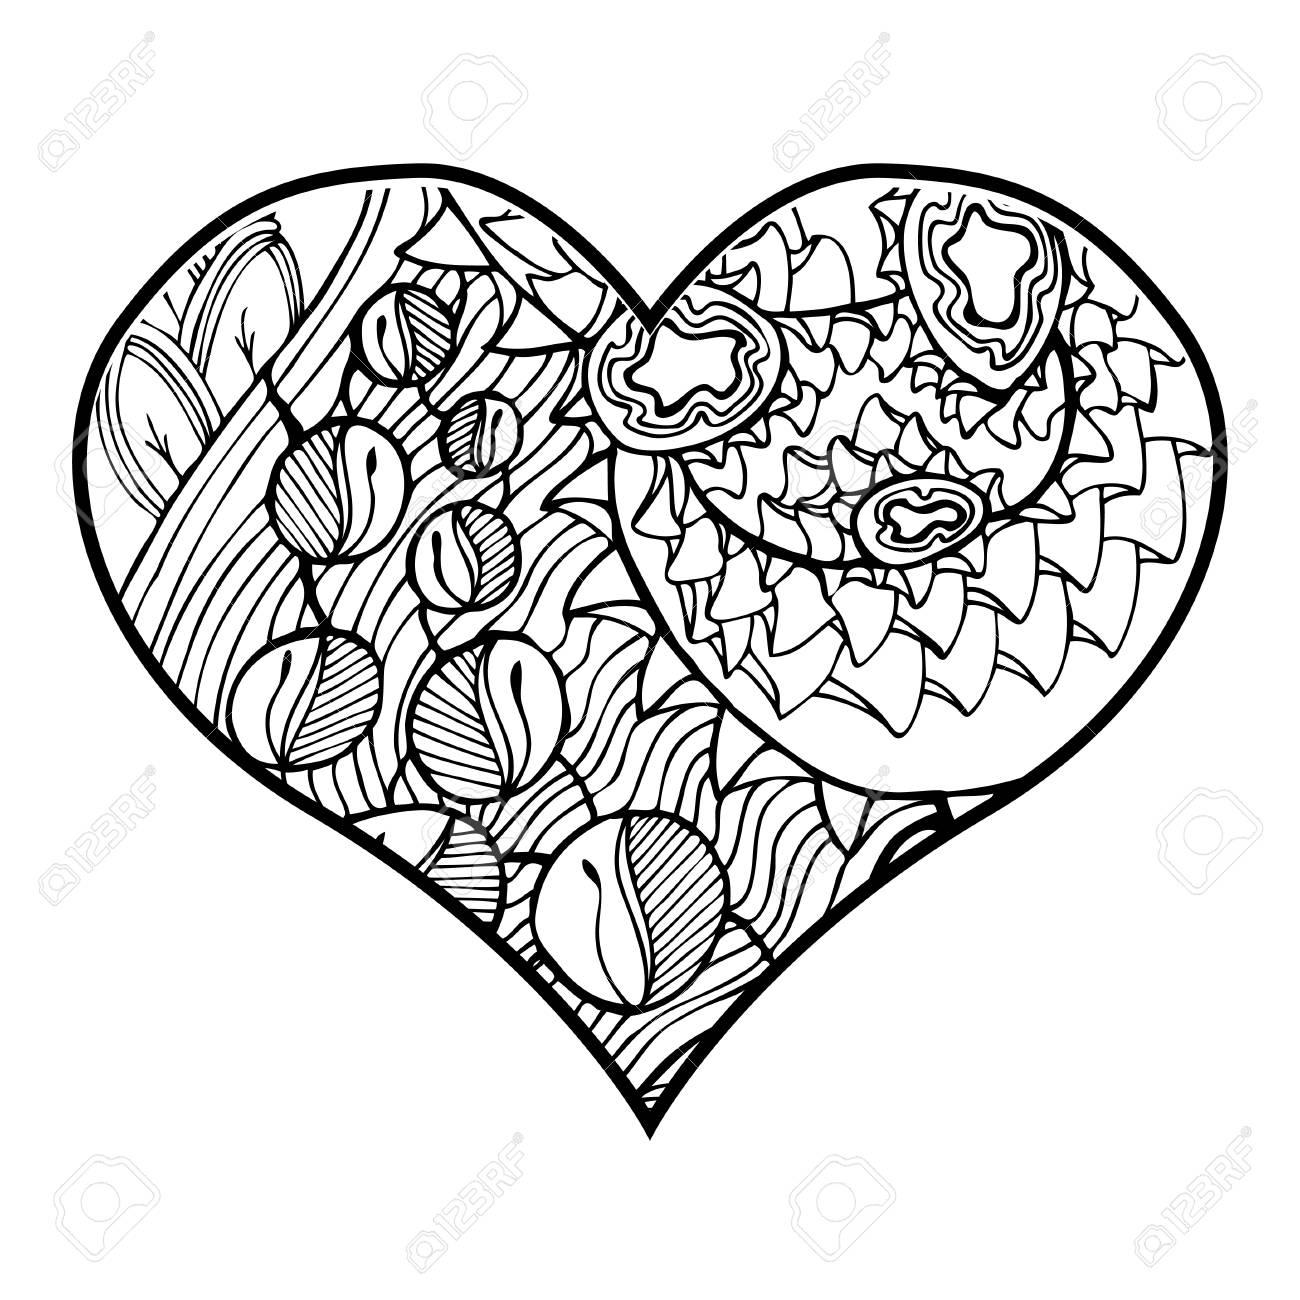 Zentangle Corazón Con Motivo Floral Abstracto En El Interior ...